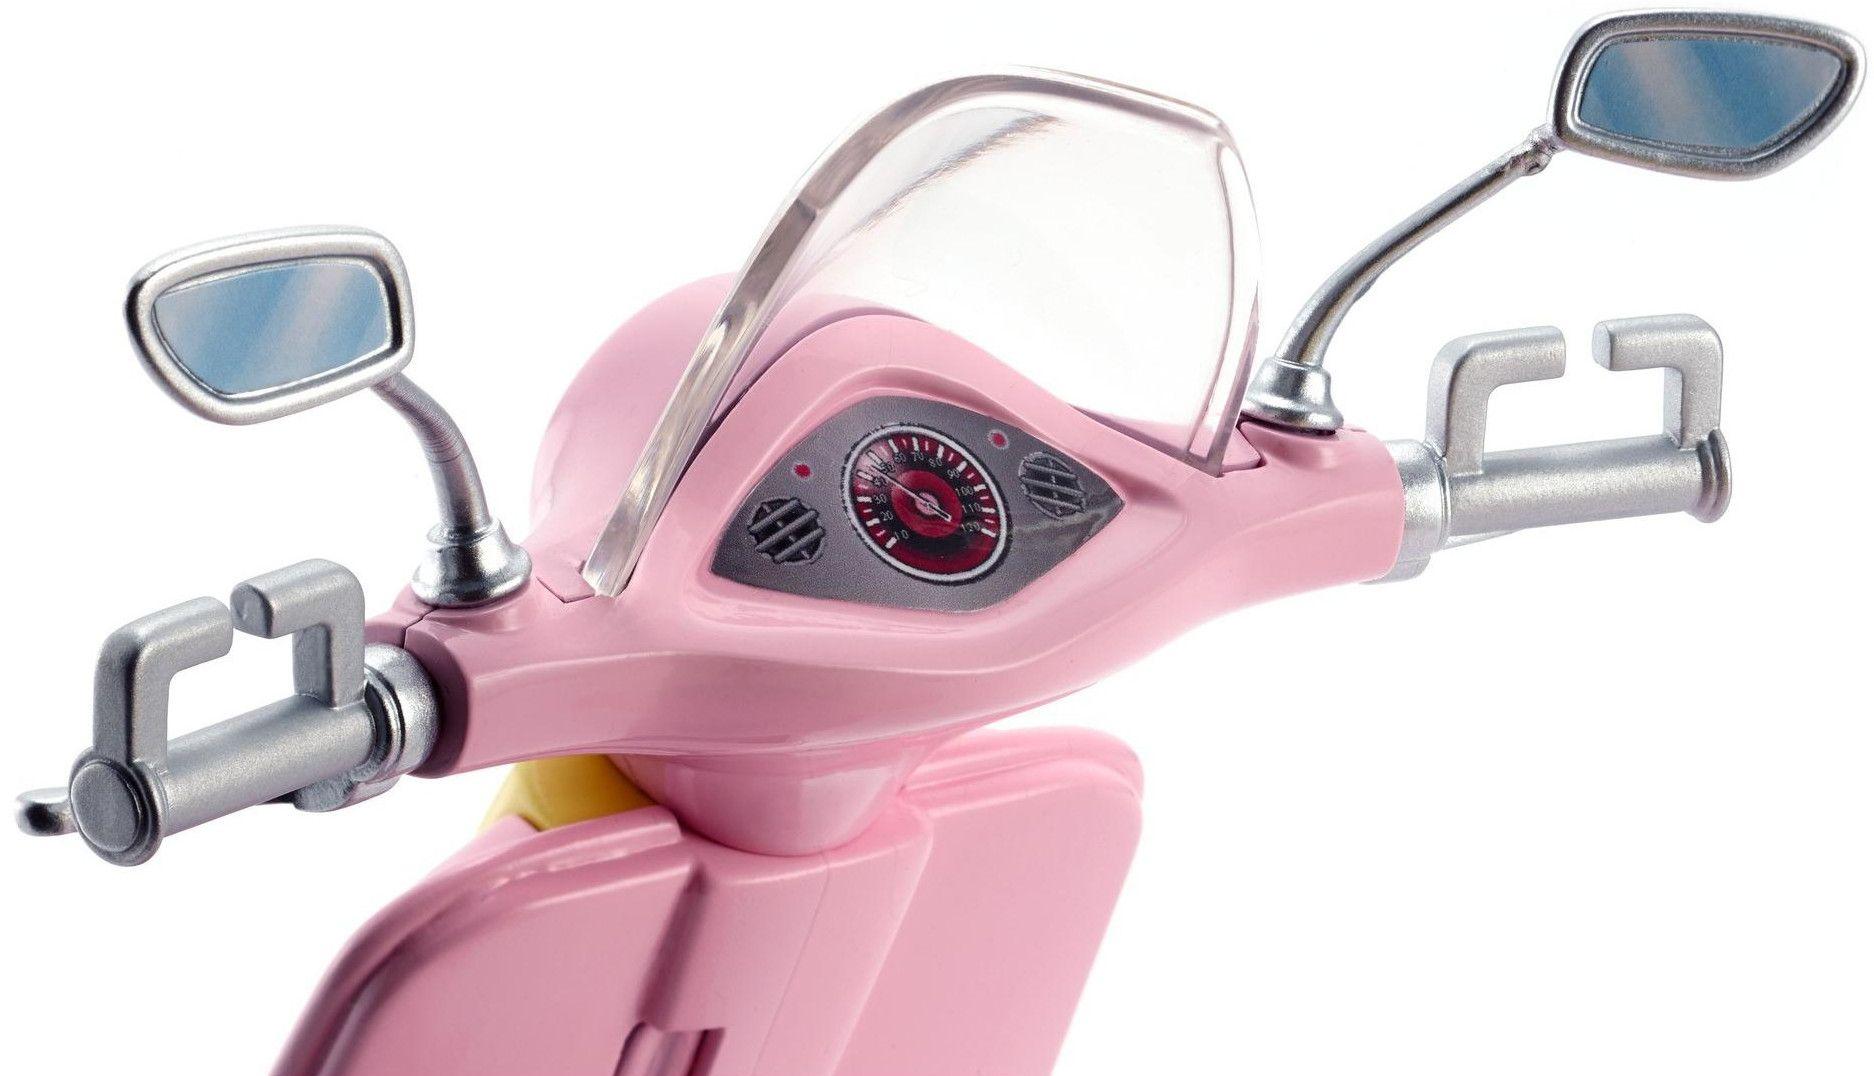 Игрален комплект Mattel Barbie - Мотопед с кученце - 2